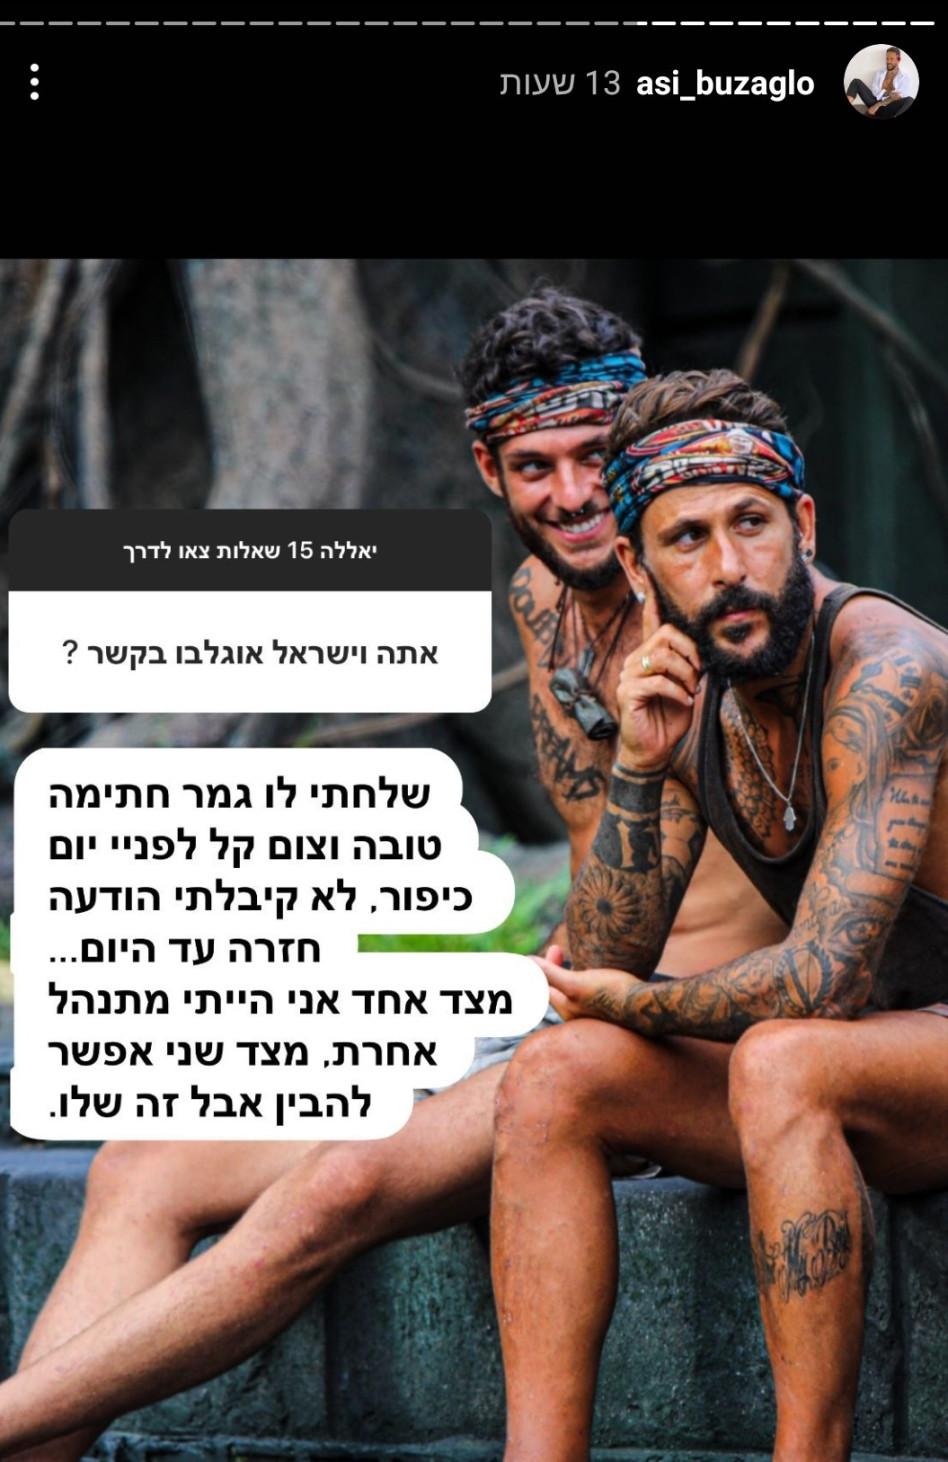 אסי בוזגלו, ישראל אוגלבו (צילום: צילום מסך אינסטגרם)